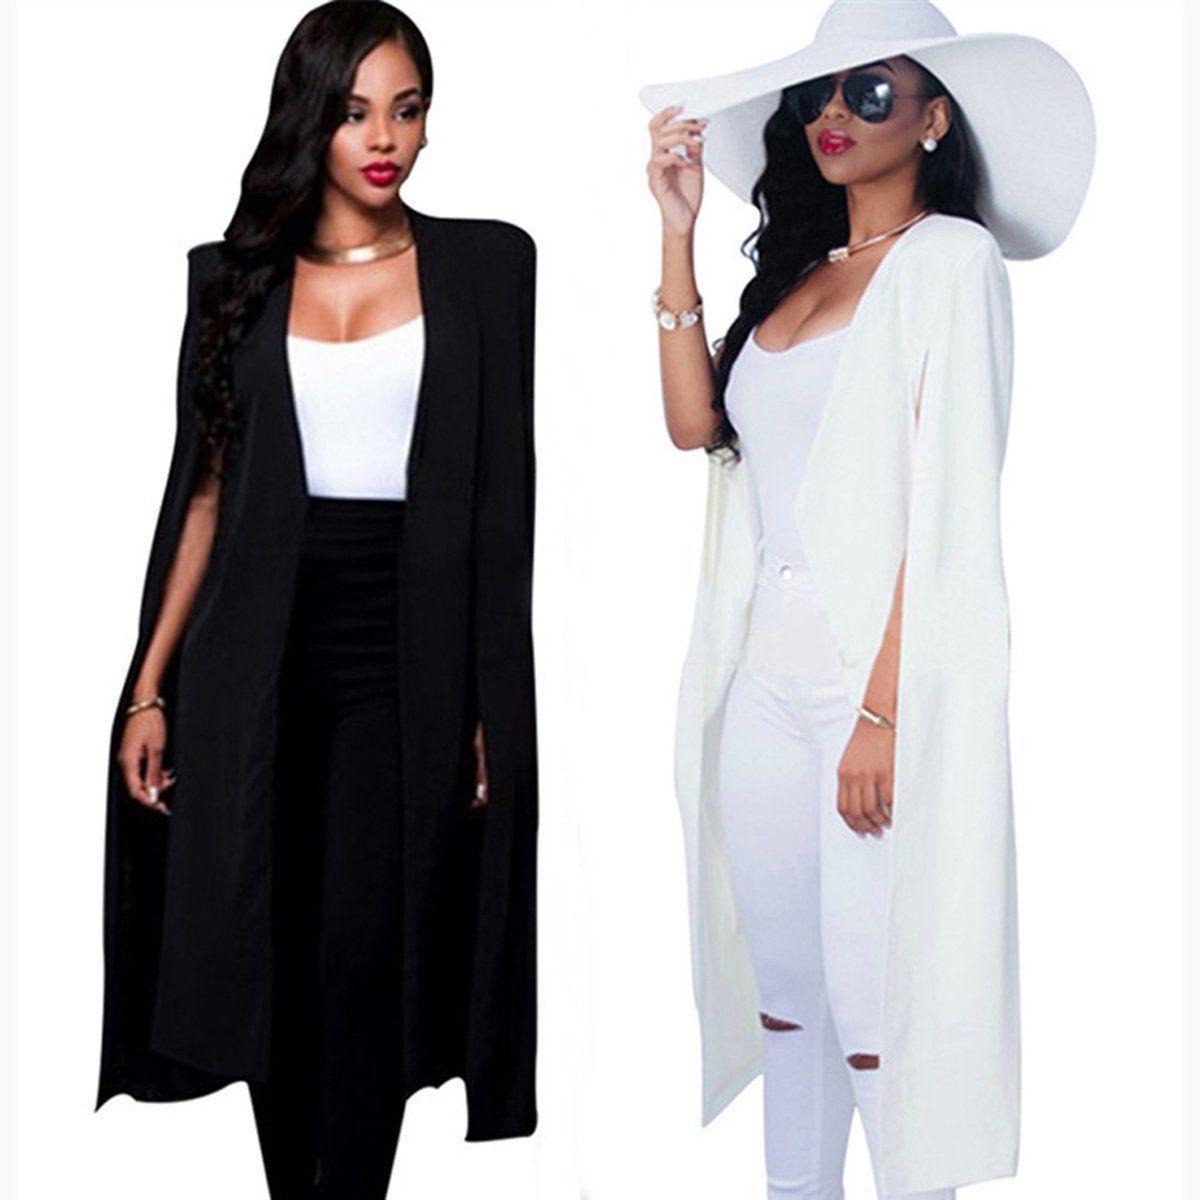 e0b1a0ae7979 Acheter Automne Femmes Longue Cape Manteau Blazer Manteau Cap Cardigan Veste  Mince Bureau Simple Blazers Manteau Blanc OL Costume Veste Noire Outwear ...